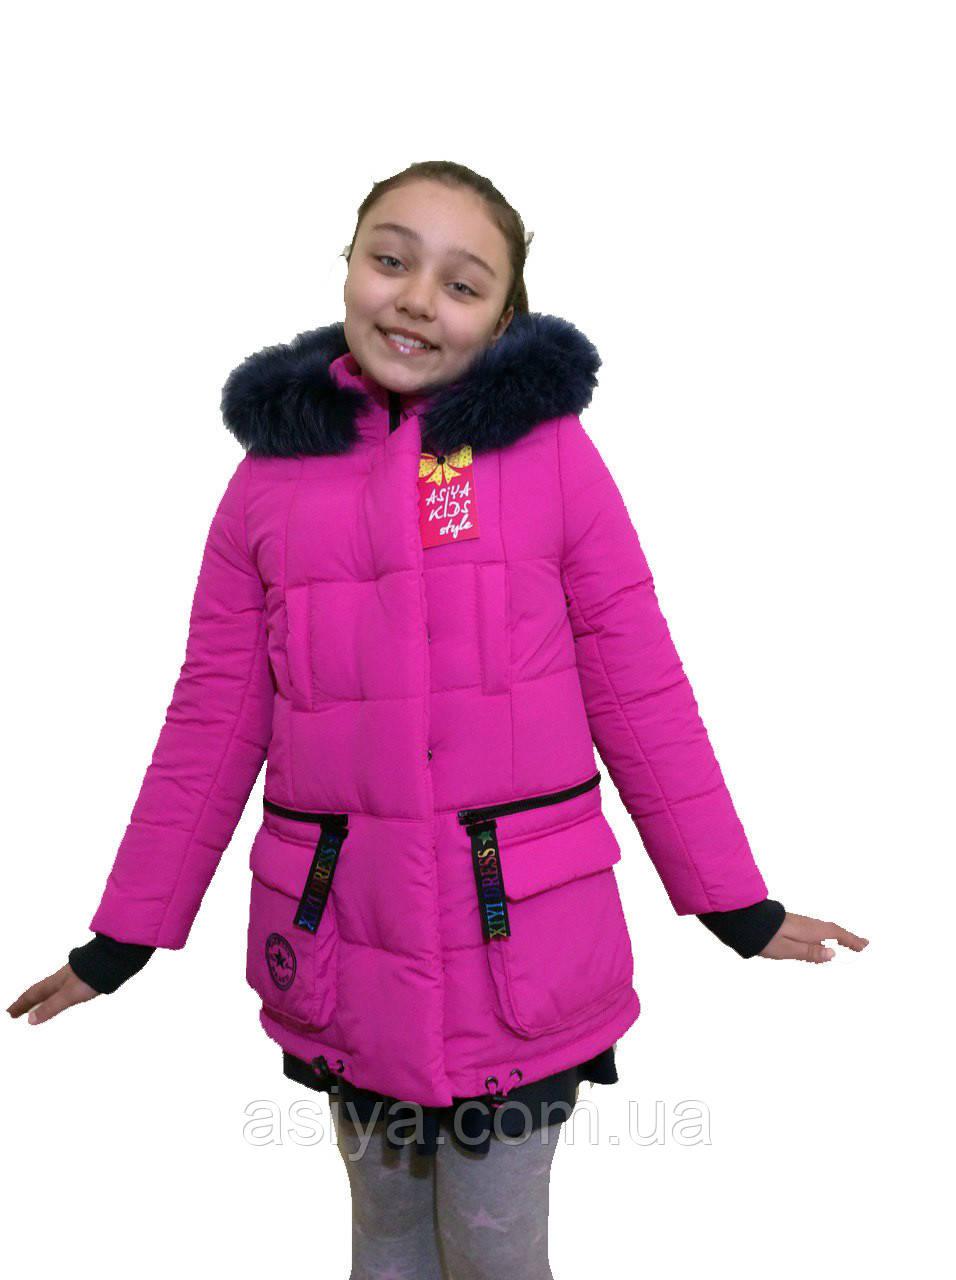 """Модная зимняя розовая куртка на девочку """"Звезда"""""""